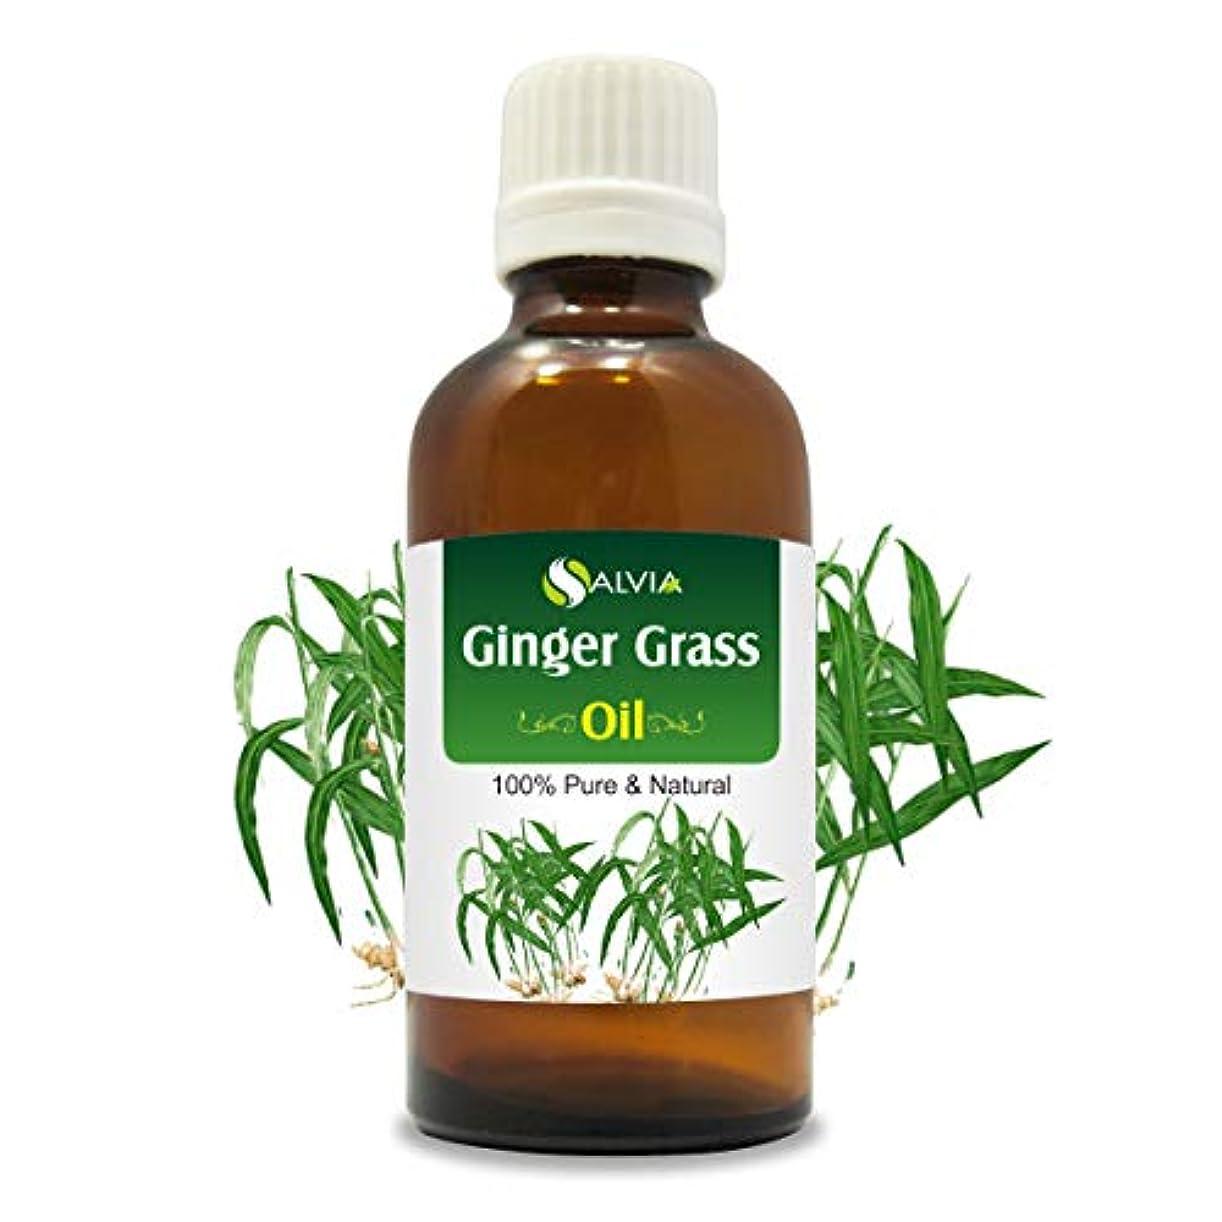 言い聞かせる明示的に美人Gingergrass Oil (Cymbopogon martini) var sofia 100% Natural Pure Undiluted Uncut Essential Oil 15ml